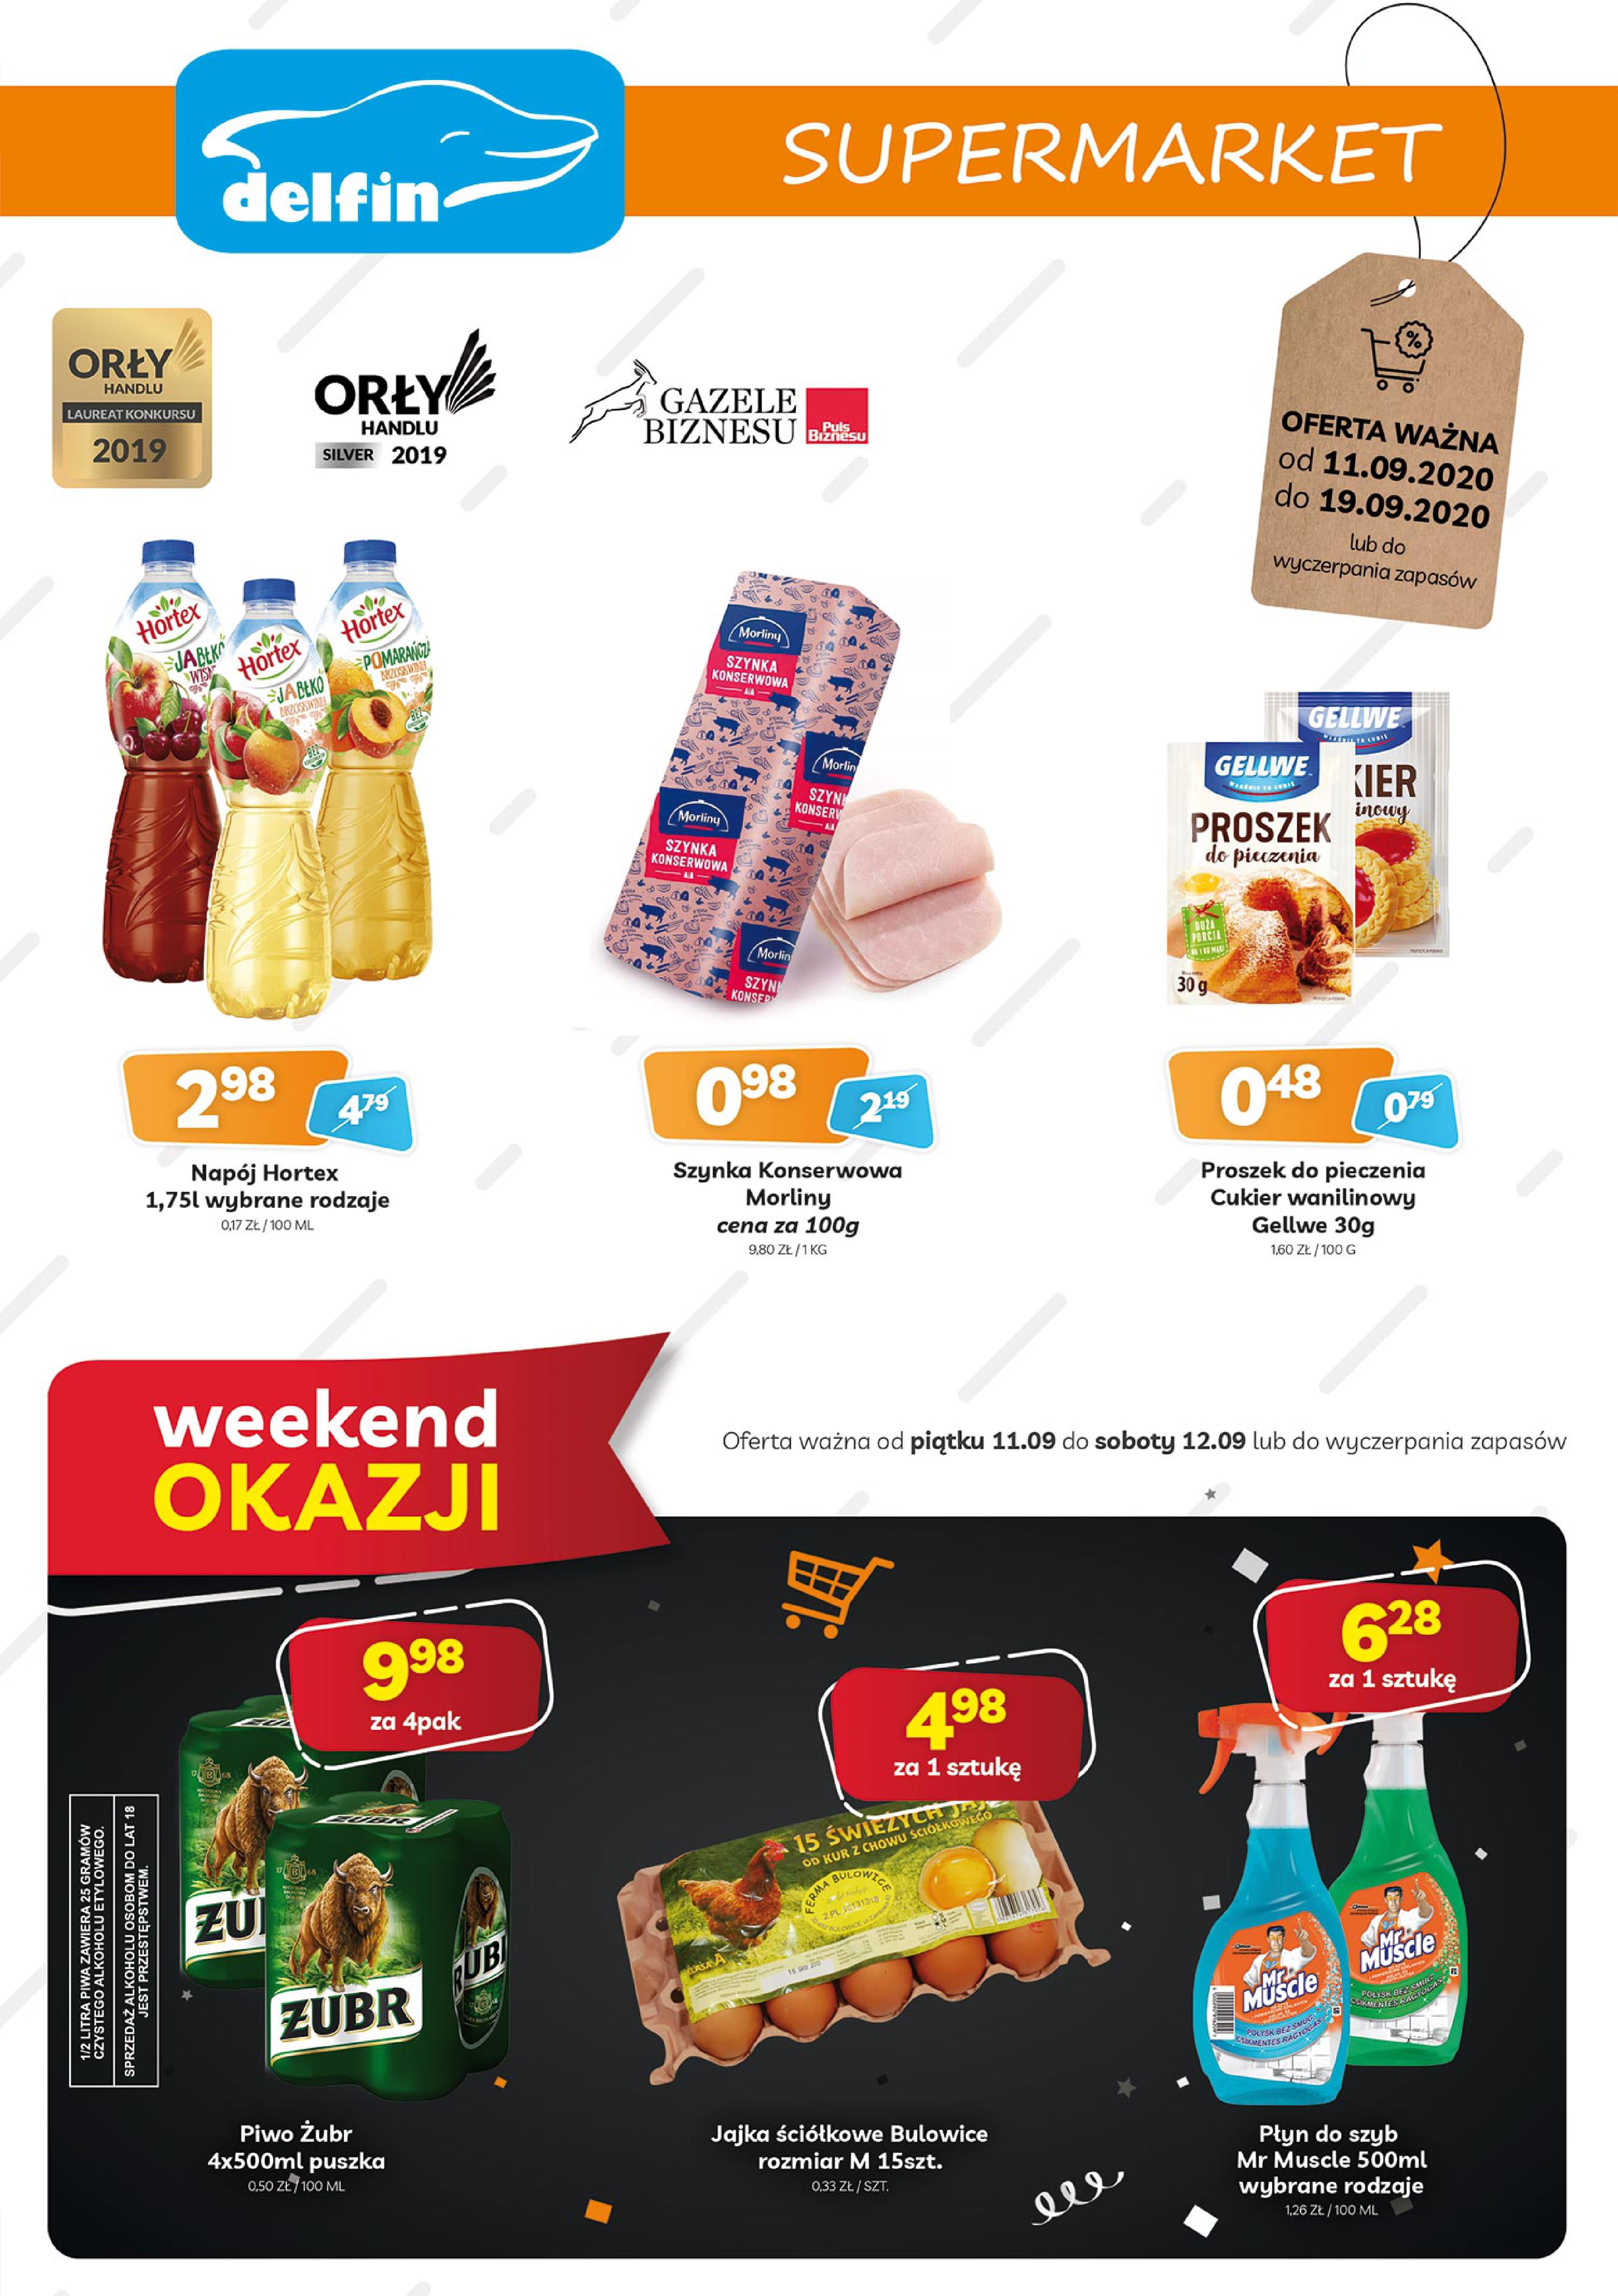 Aktualne promocje w supermarketach Delfin 11-19 września